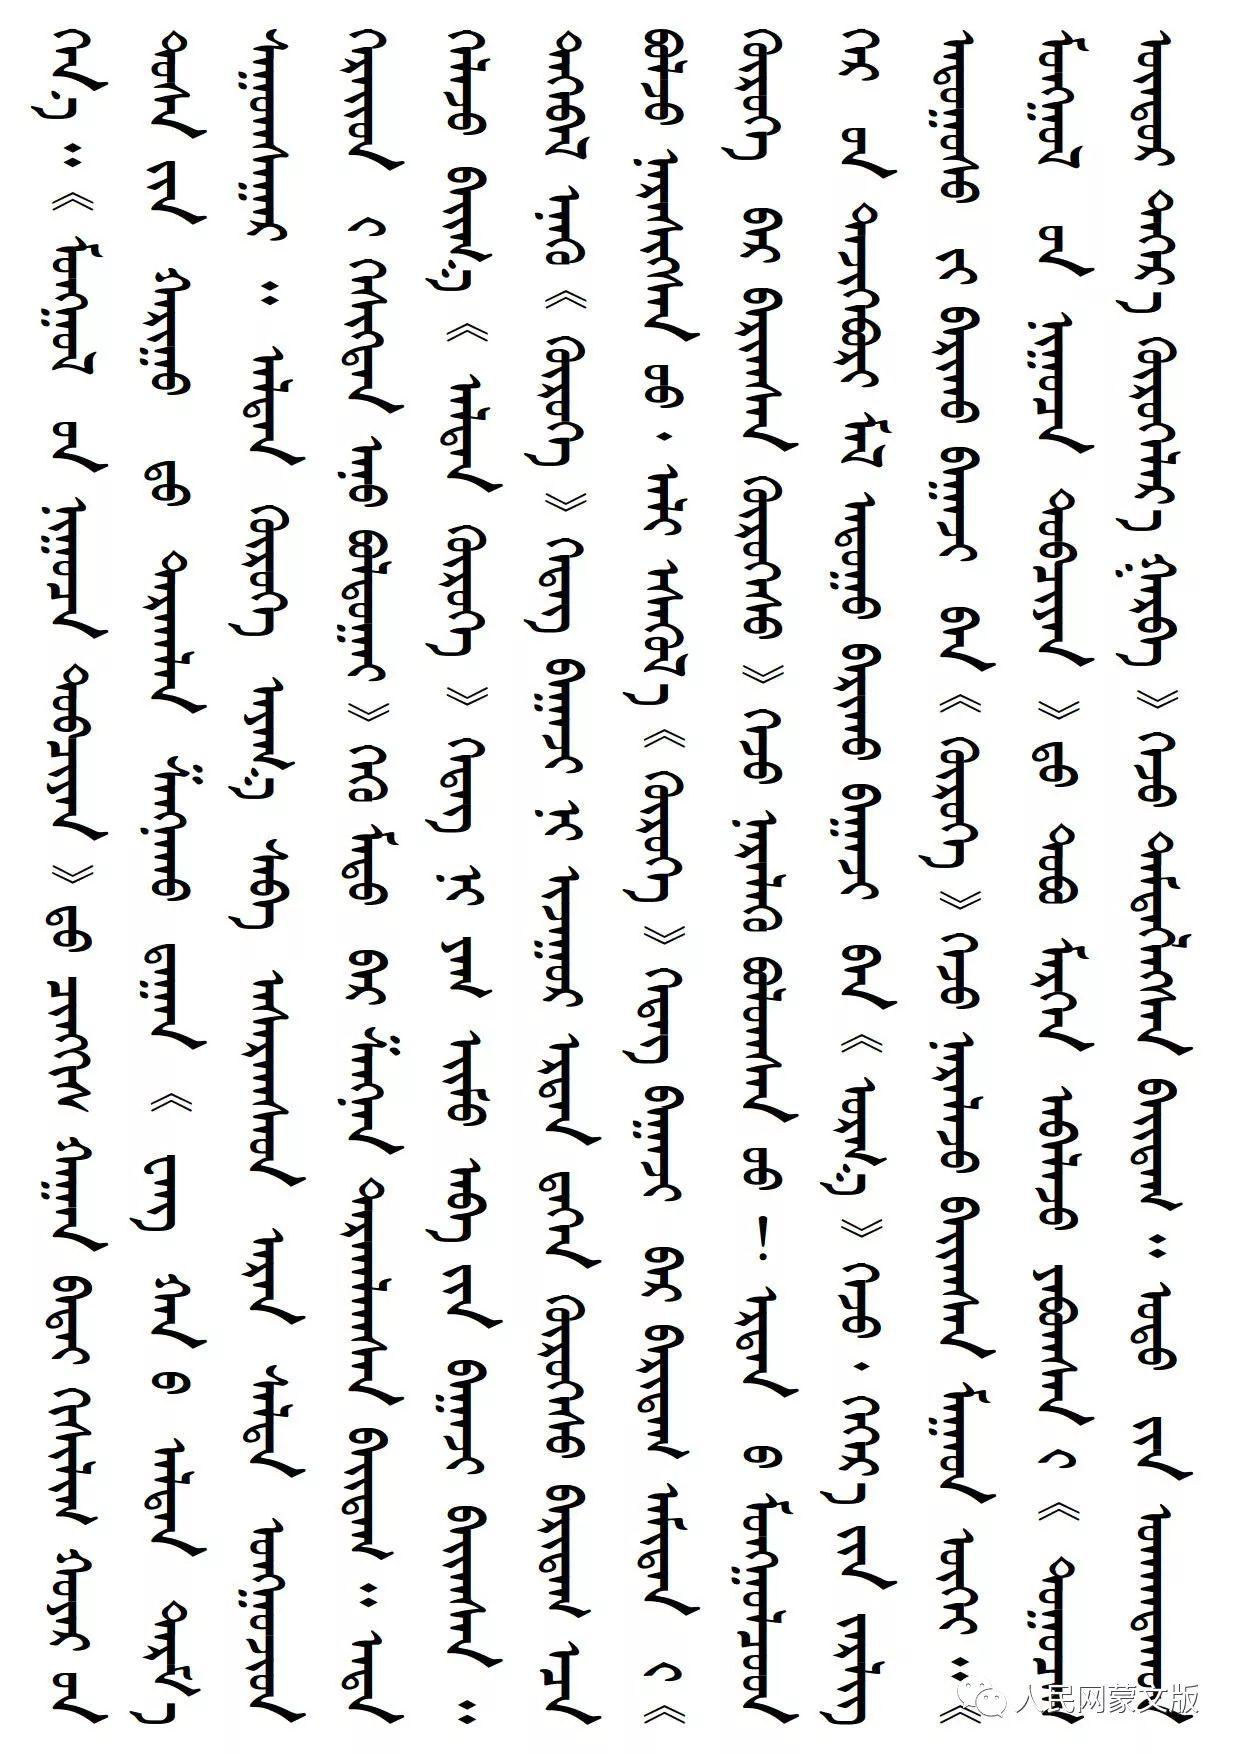 蒙古民俗探源 有关蒙古族狩猎的专有名词 第4张 蒙古民俗探源 有关蒙古族狩猎的专有名词 蒙古文库